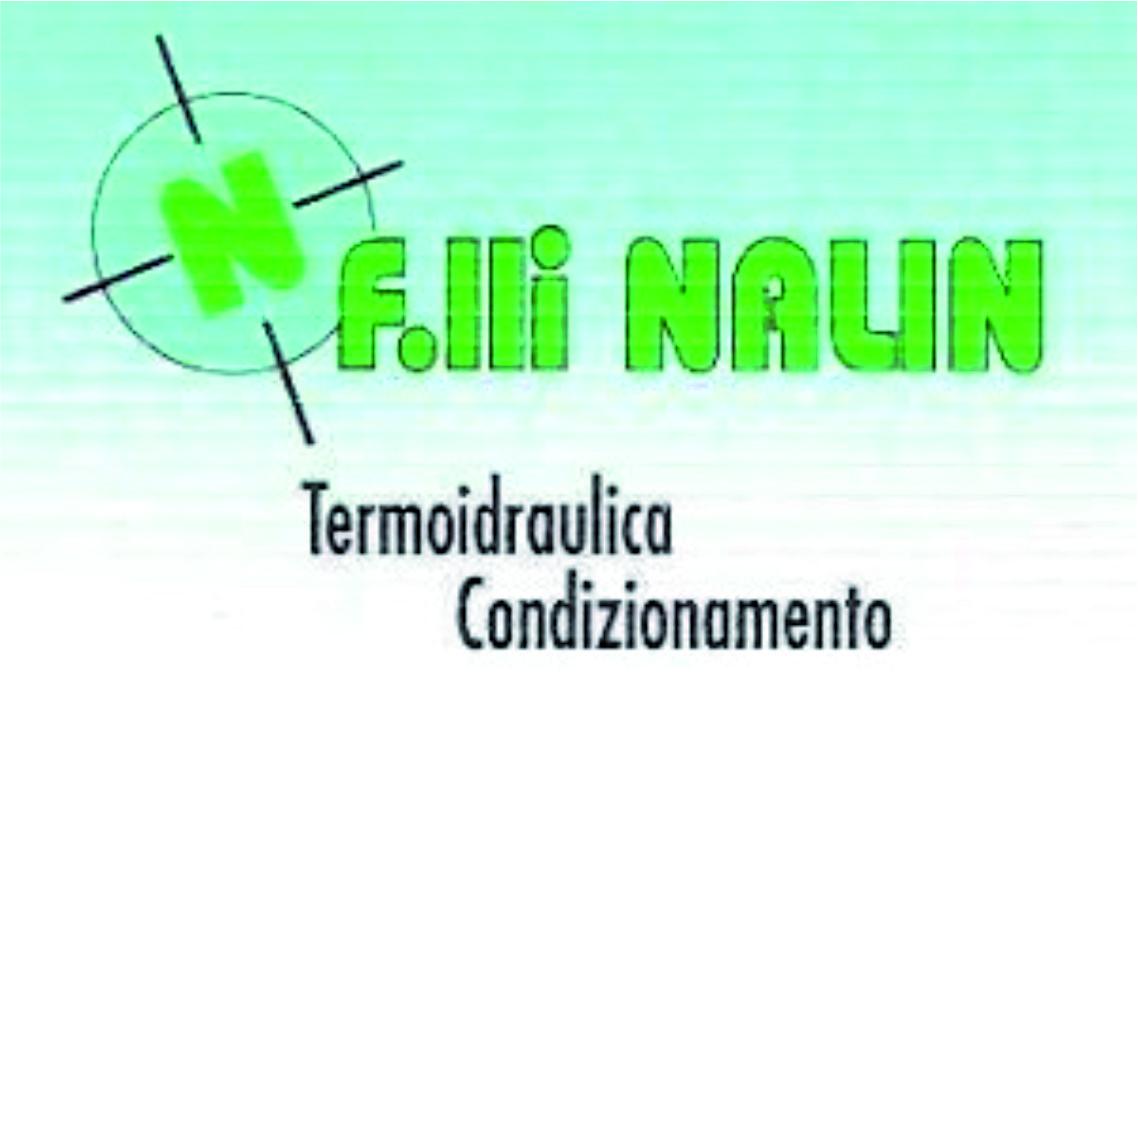 F.lli Nalin